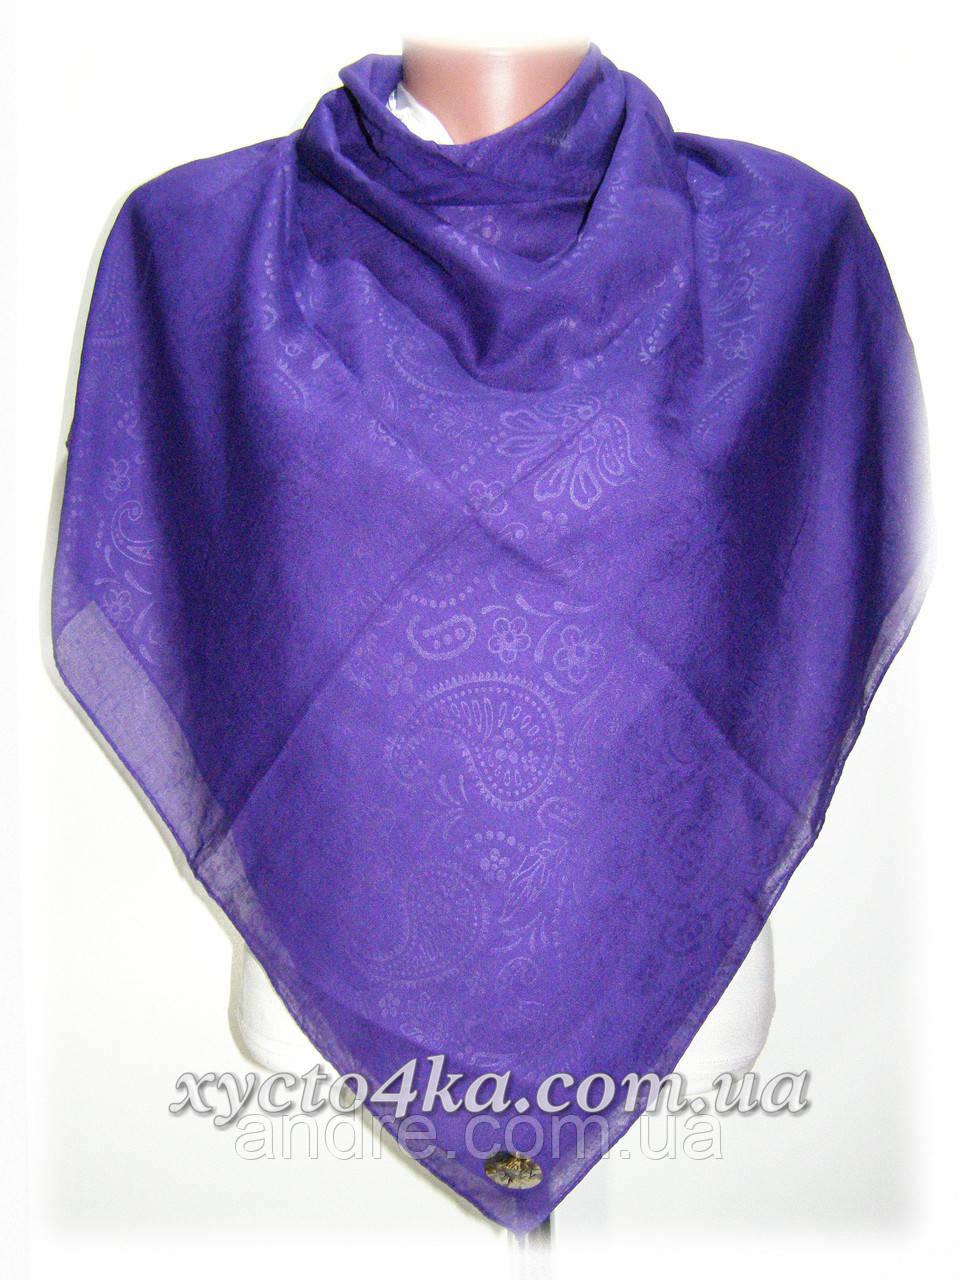 Натуральный платок класик, фиолетовый